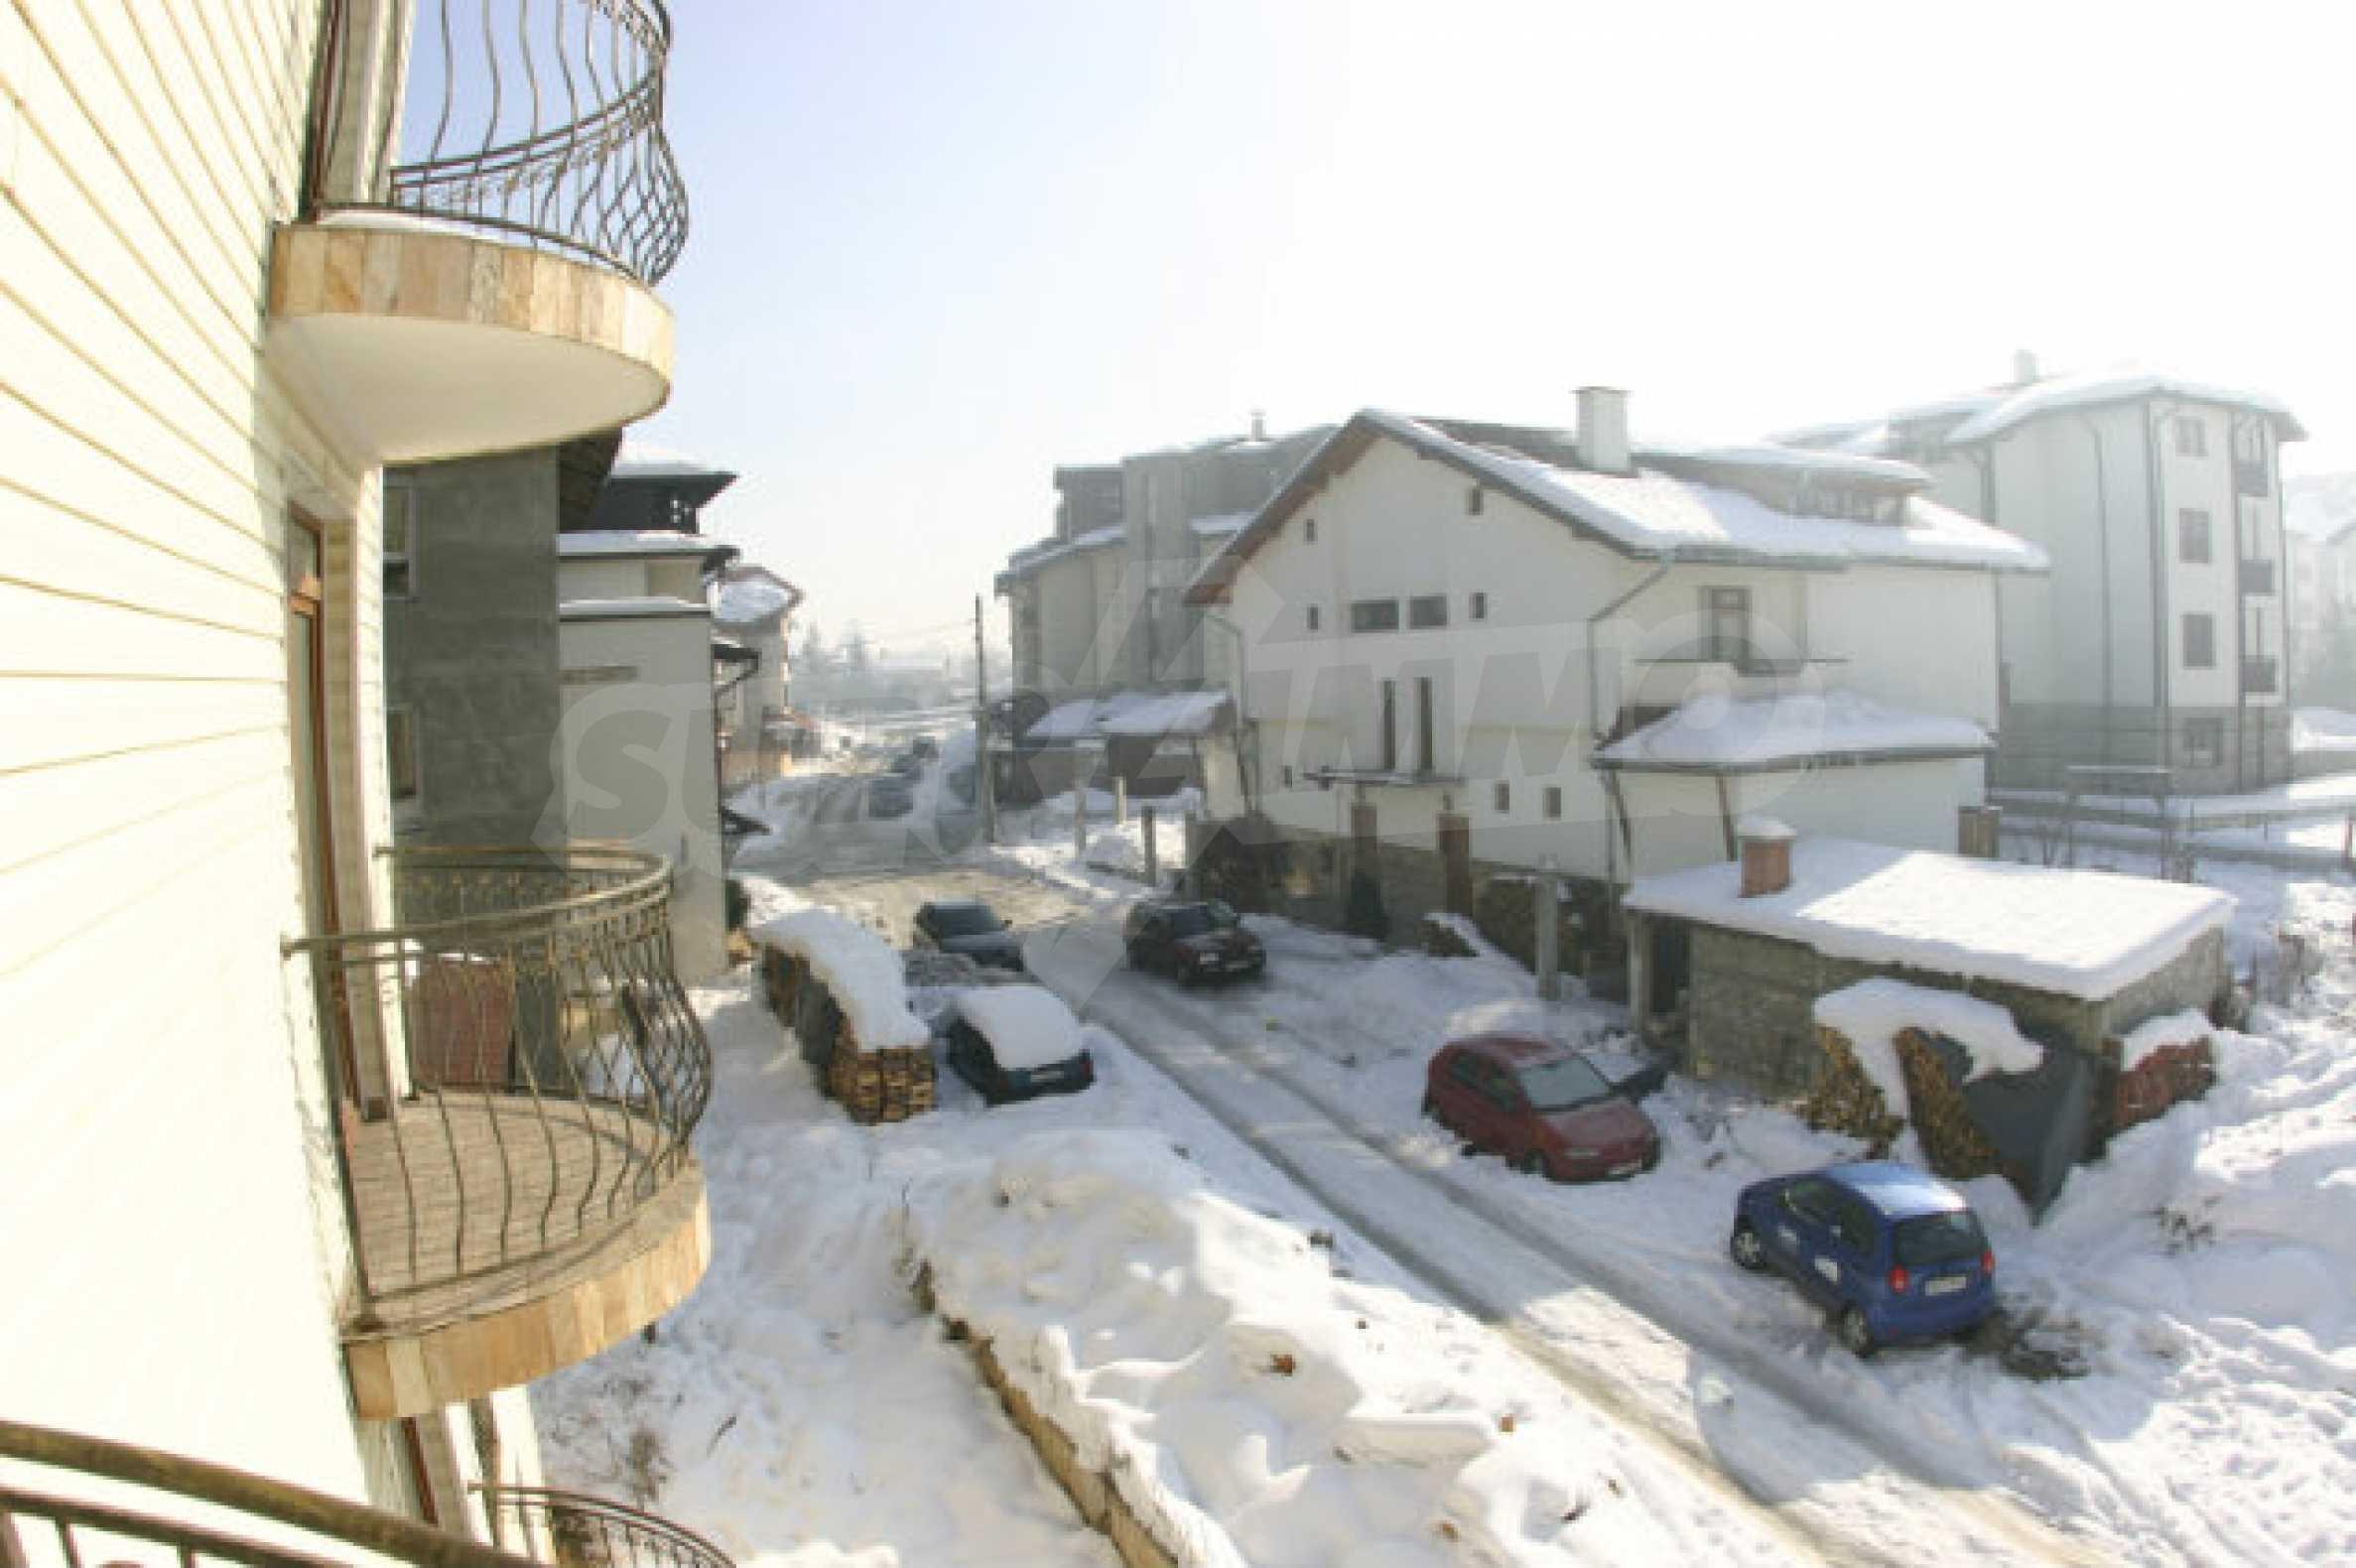 Residental building in Bansko 29